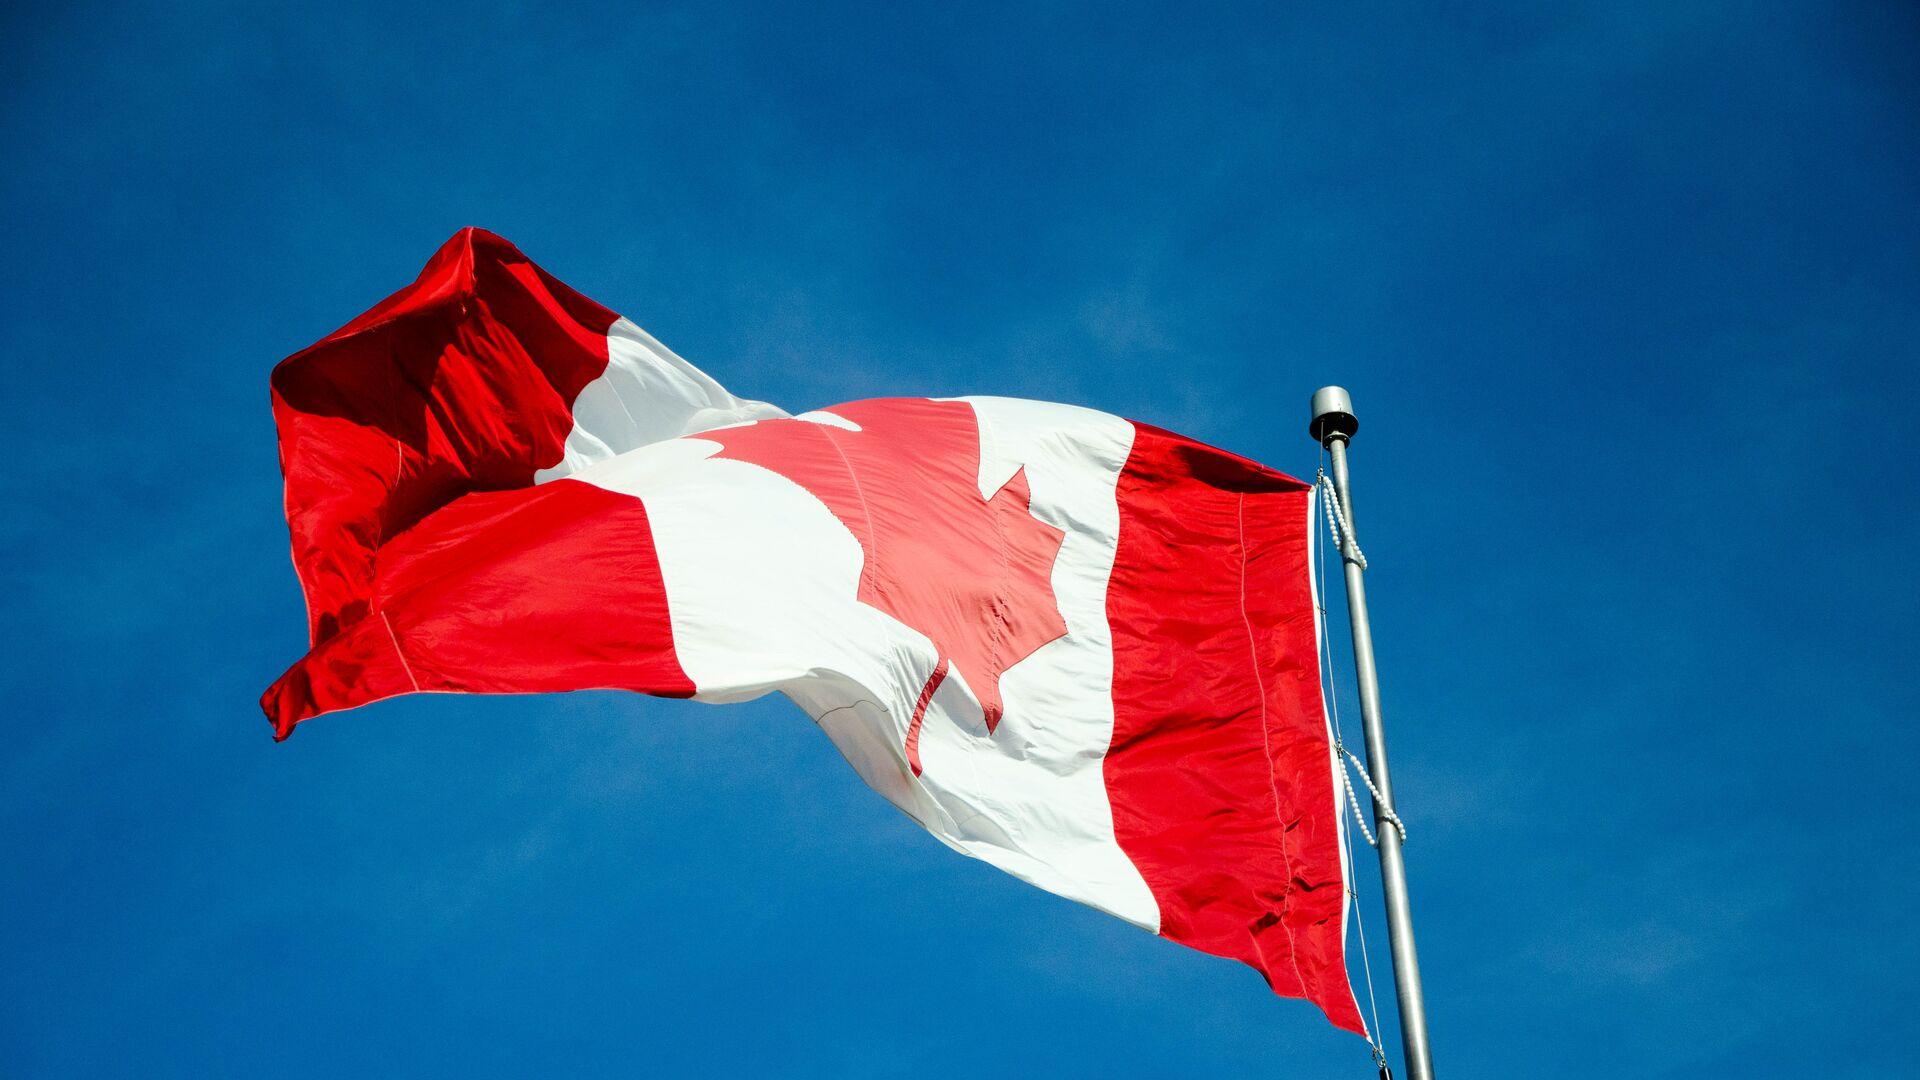 Bandera de Canadá - Sputnik Mundo, 1920, 12.04.2021